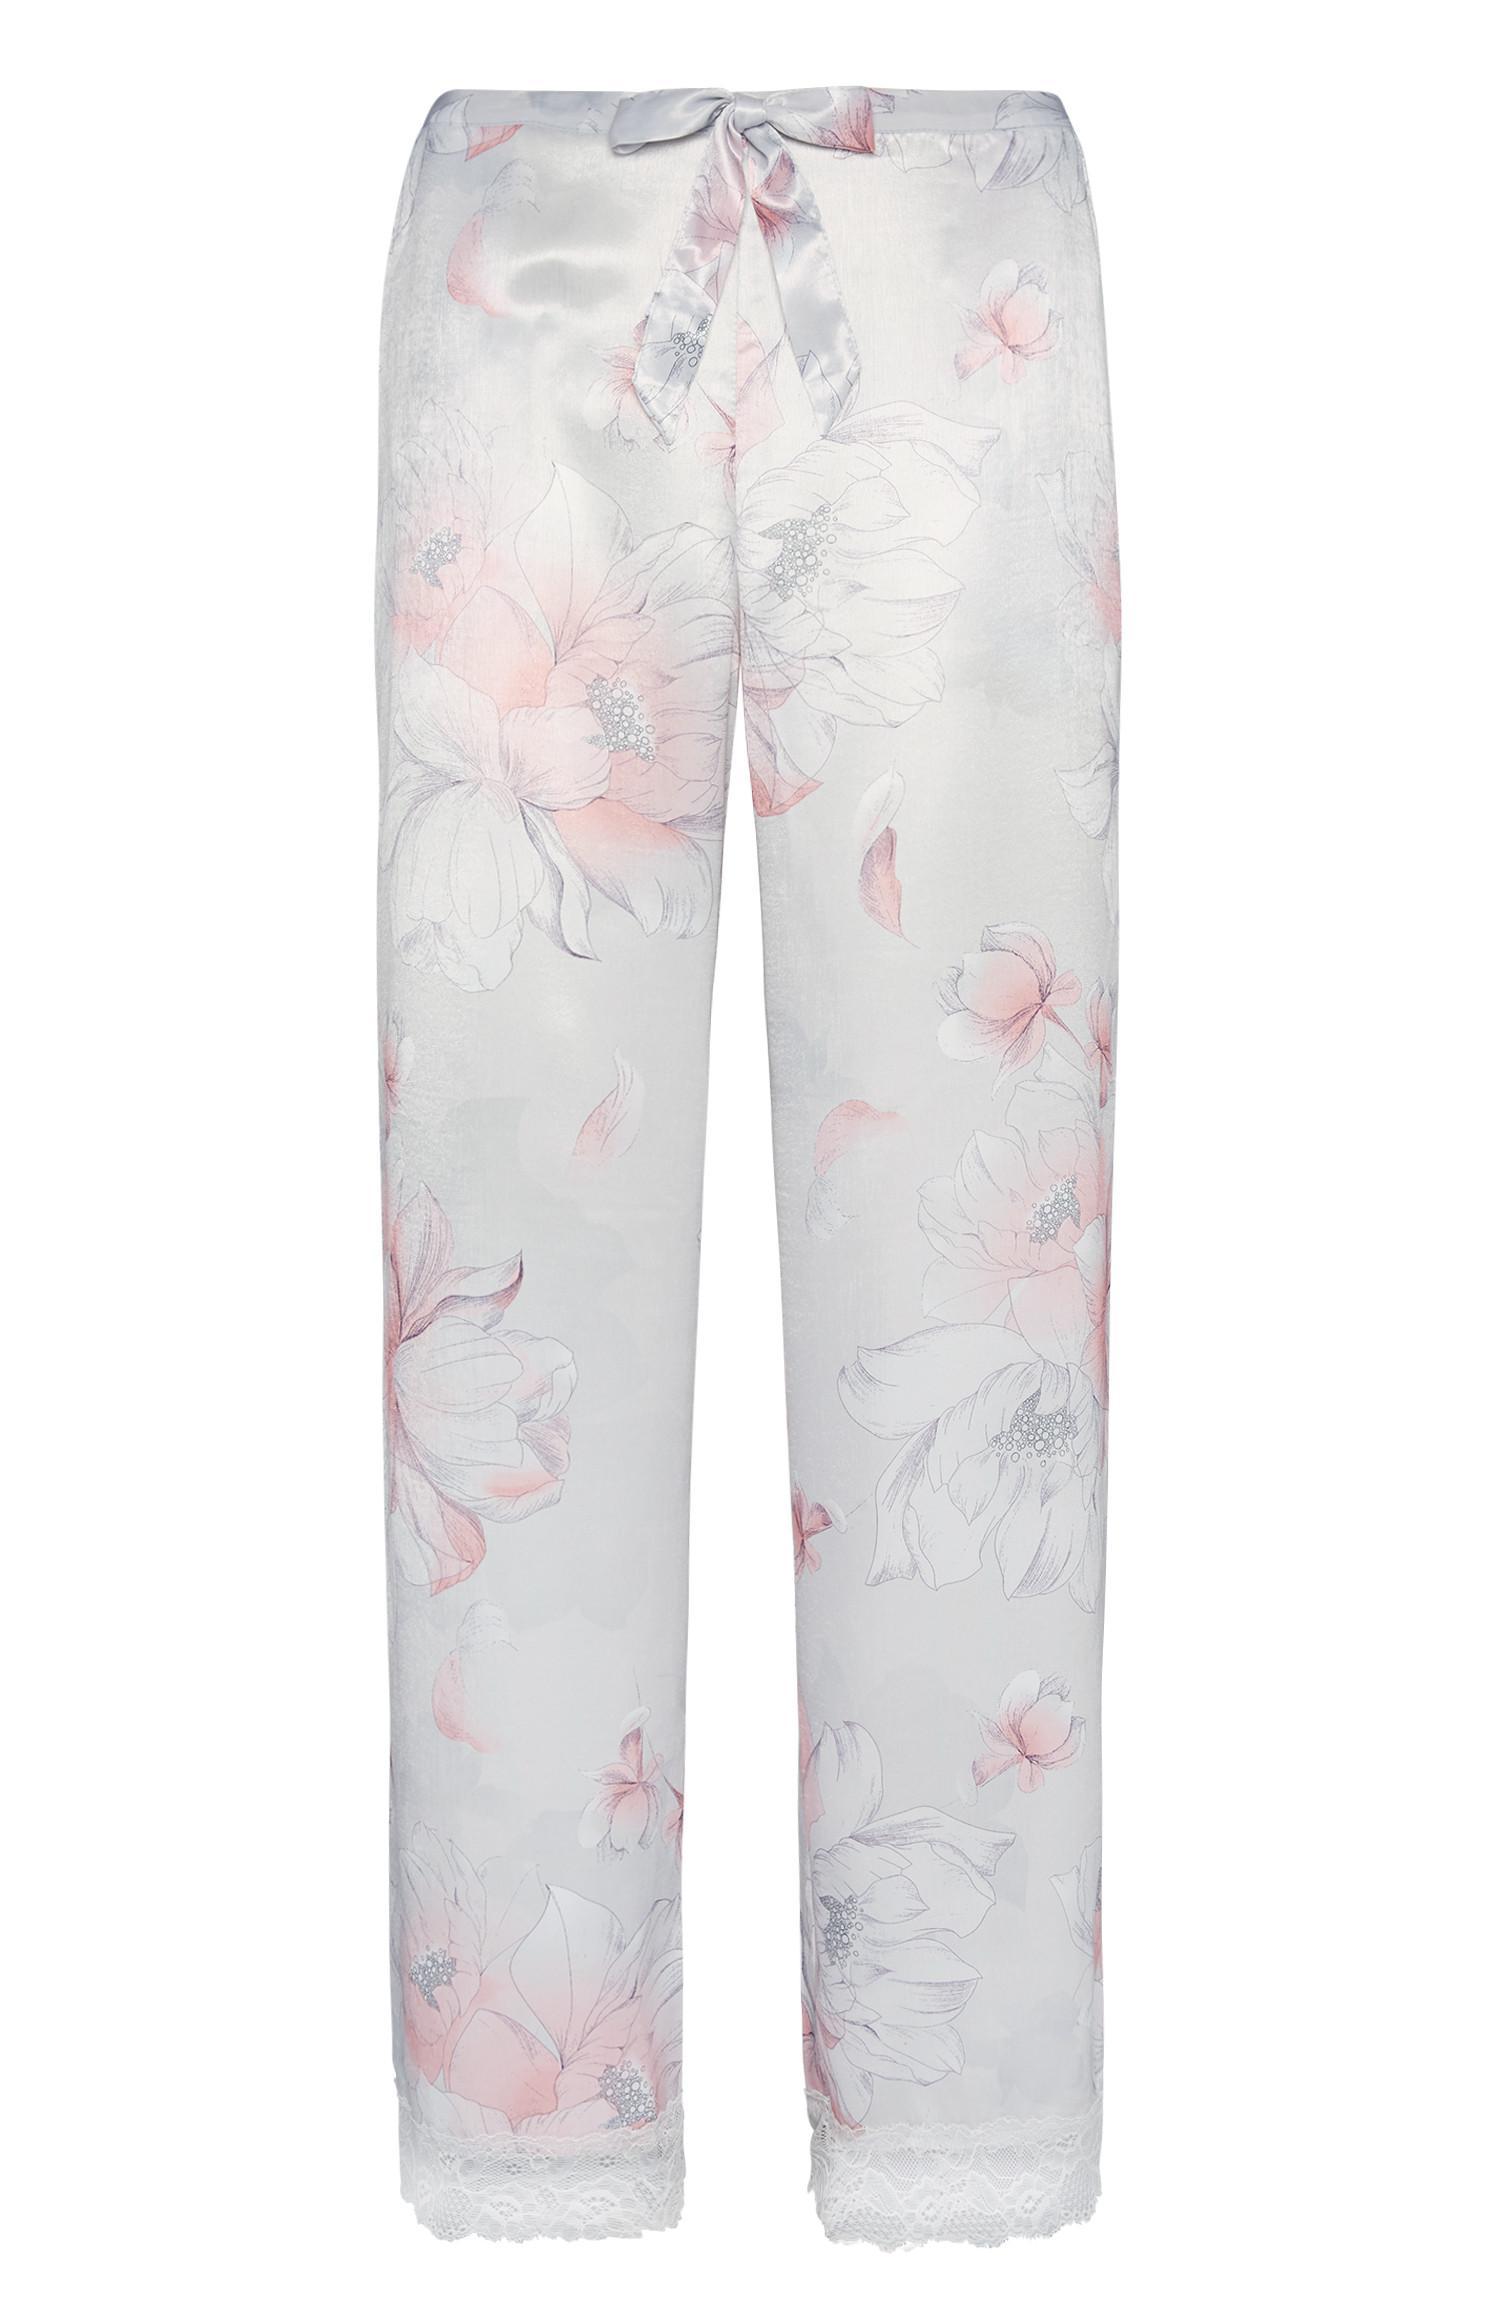 Satin Floral Pajama Pants